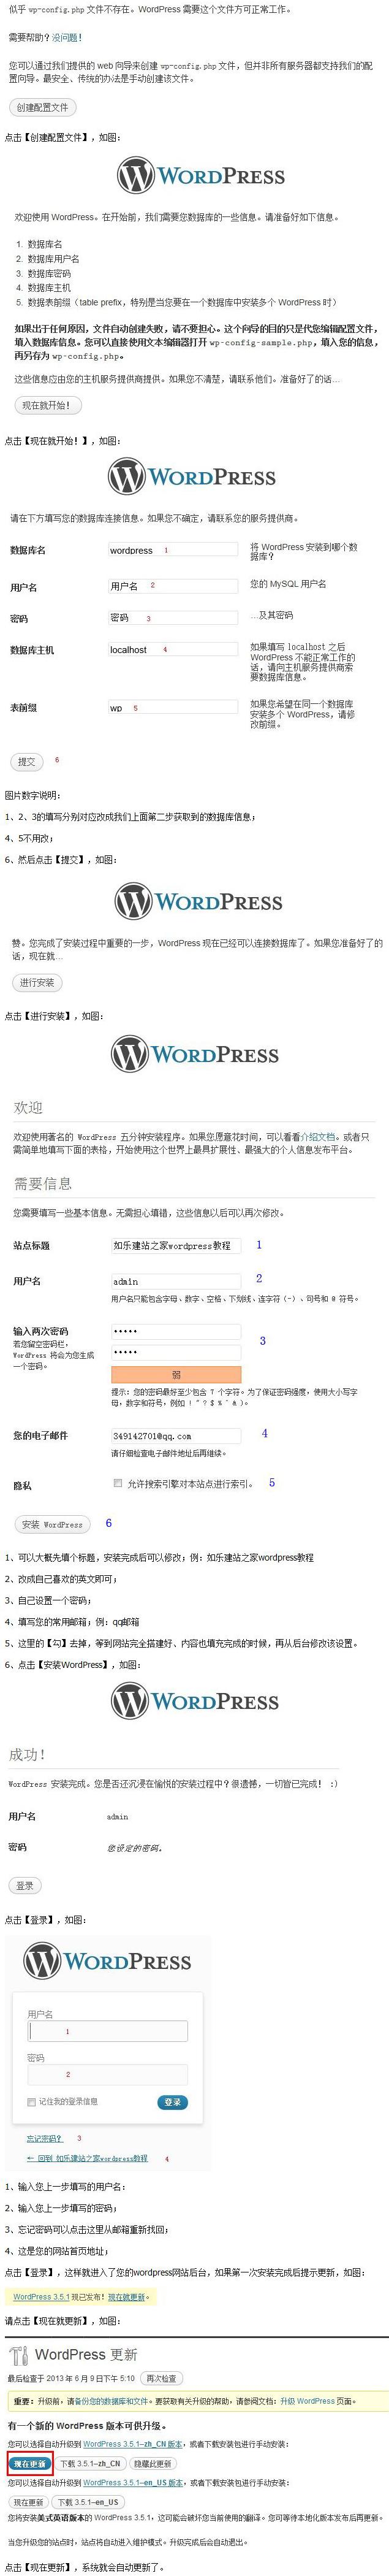 wordpress安装教程图文详解全步骤